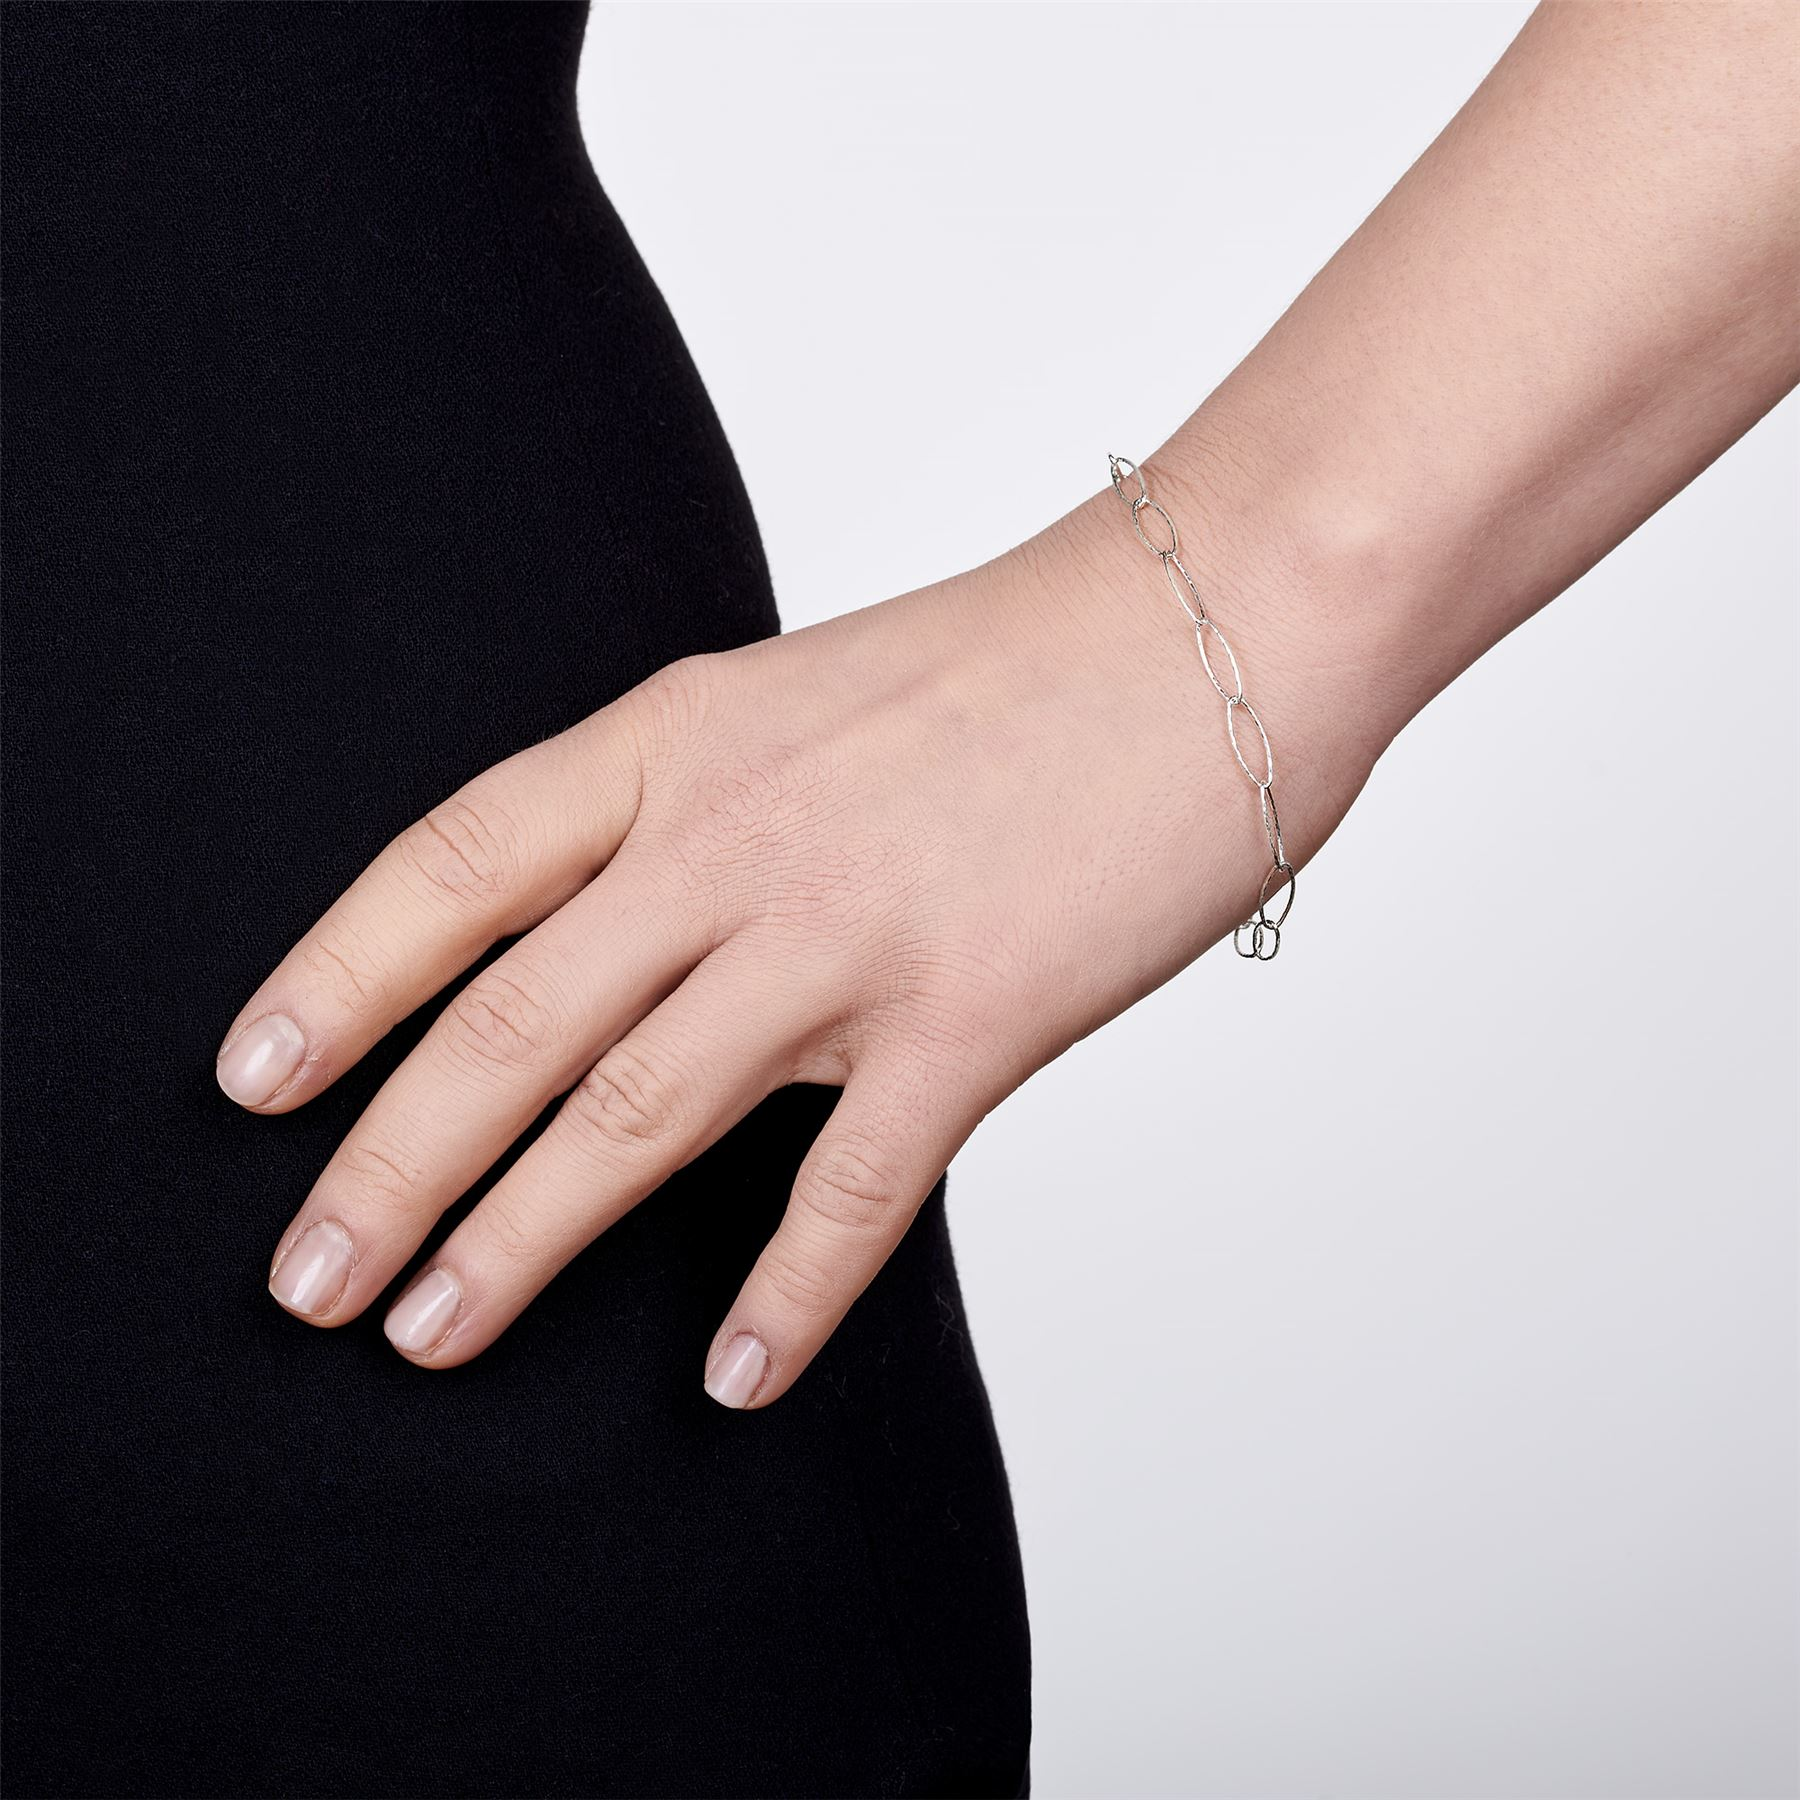 Amberta-Bijoux-Bracelet-en-Vrai-Argent-Sterling-925-Chaine-pour-Femme-a-la-Mode thumbnail 108